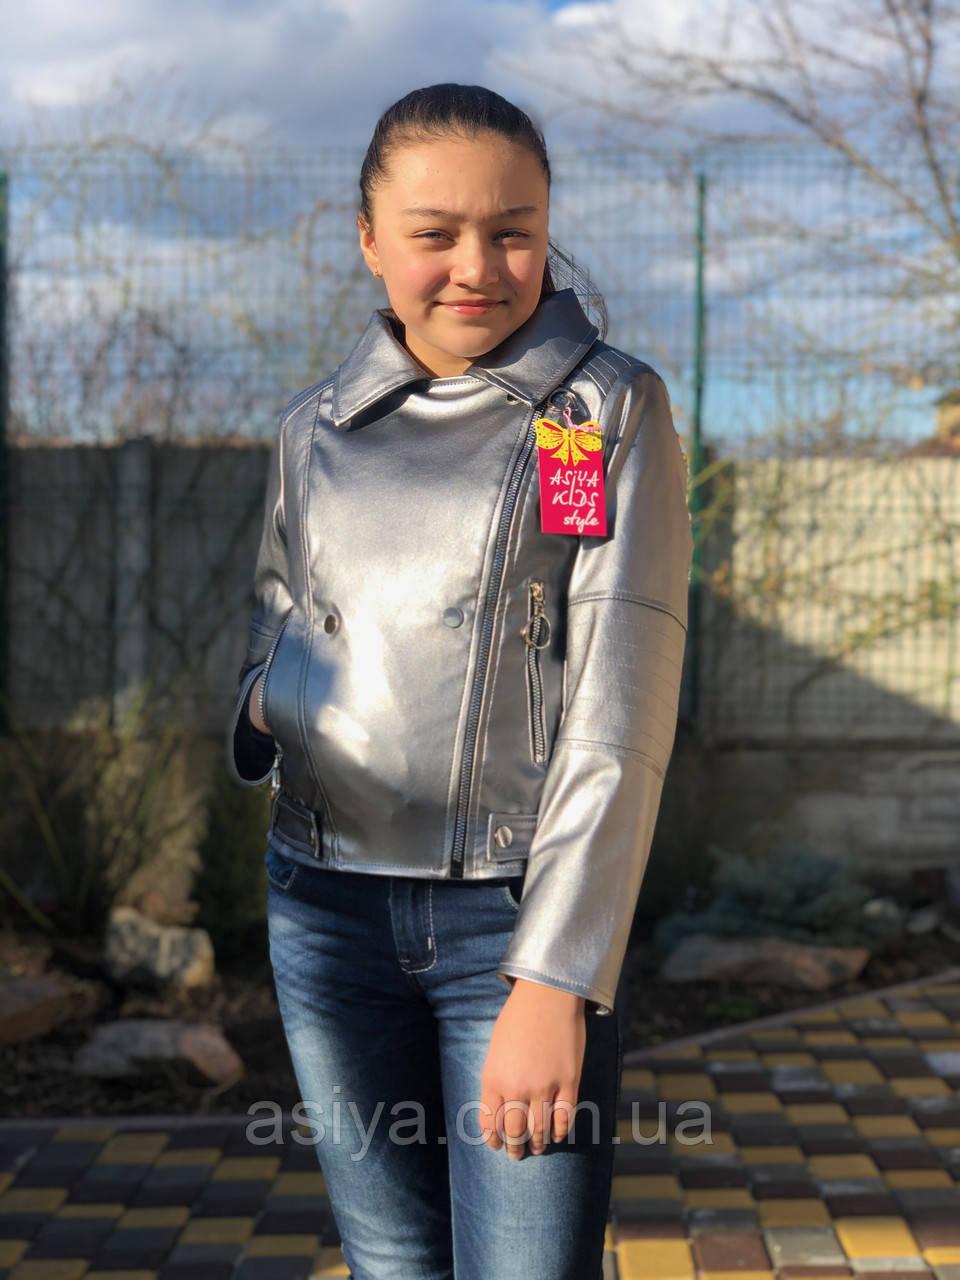 Подростковая куртка кожанка косуха графитового цвета